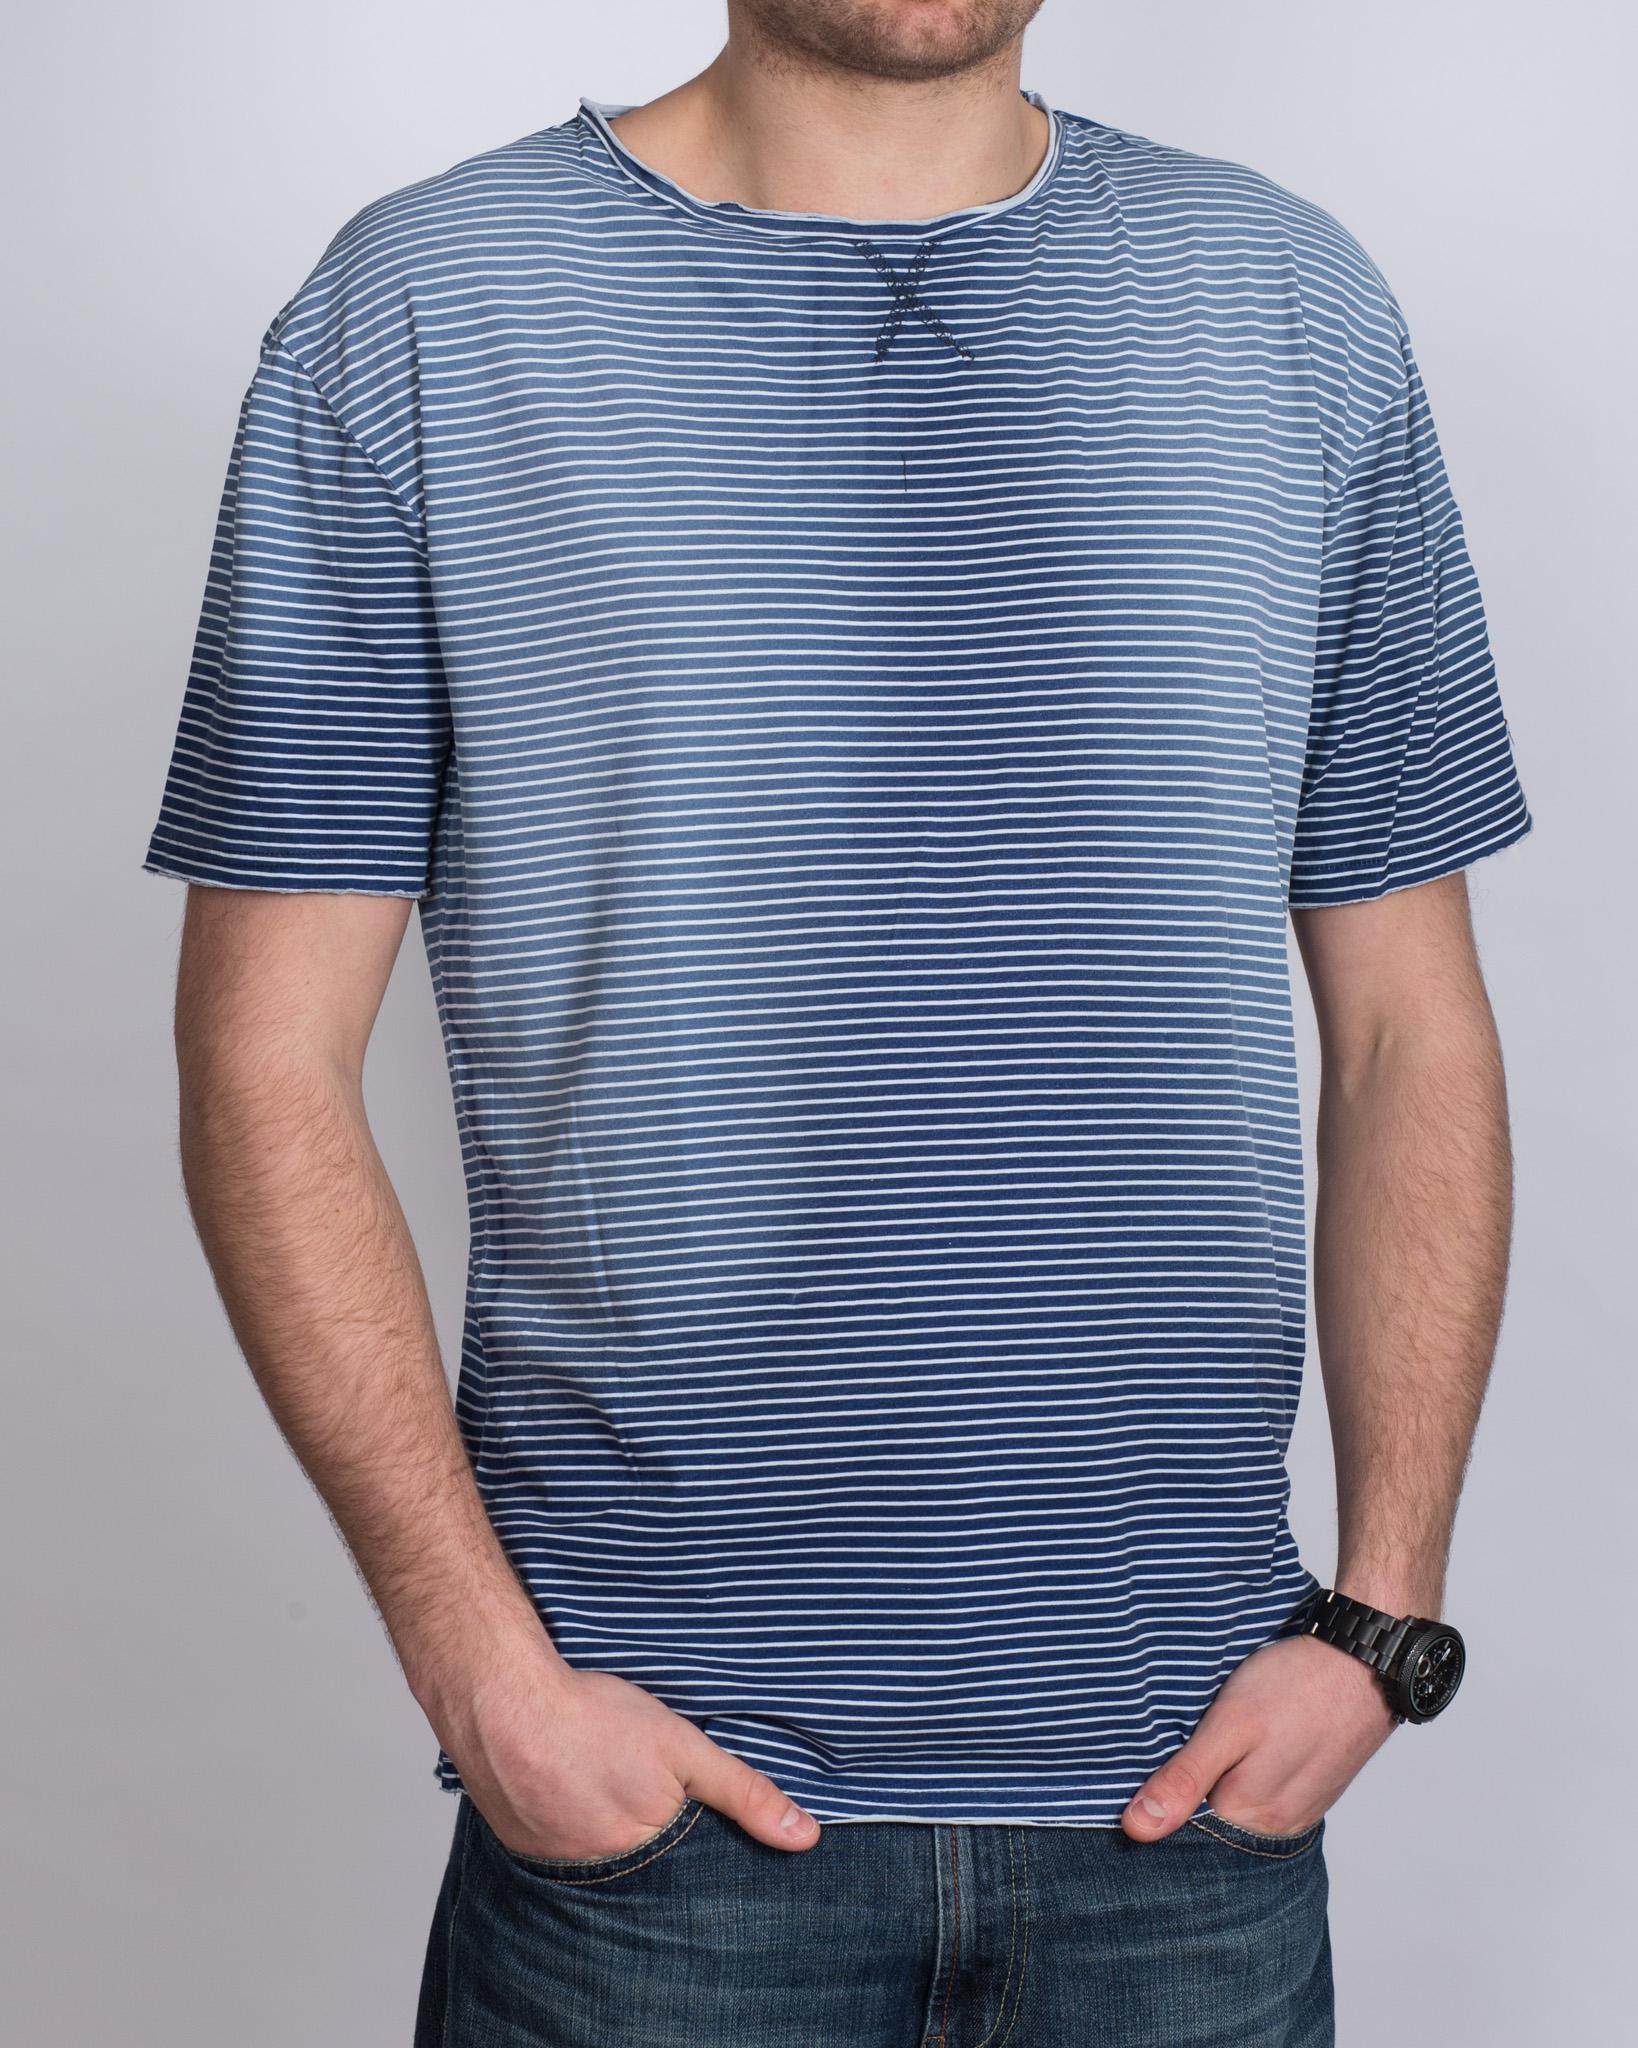 Replica Tall Striped T-Shirt (blue)